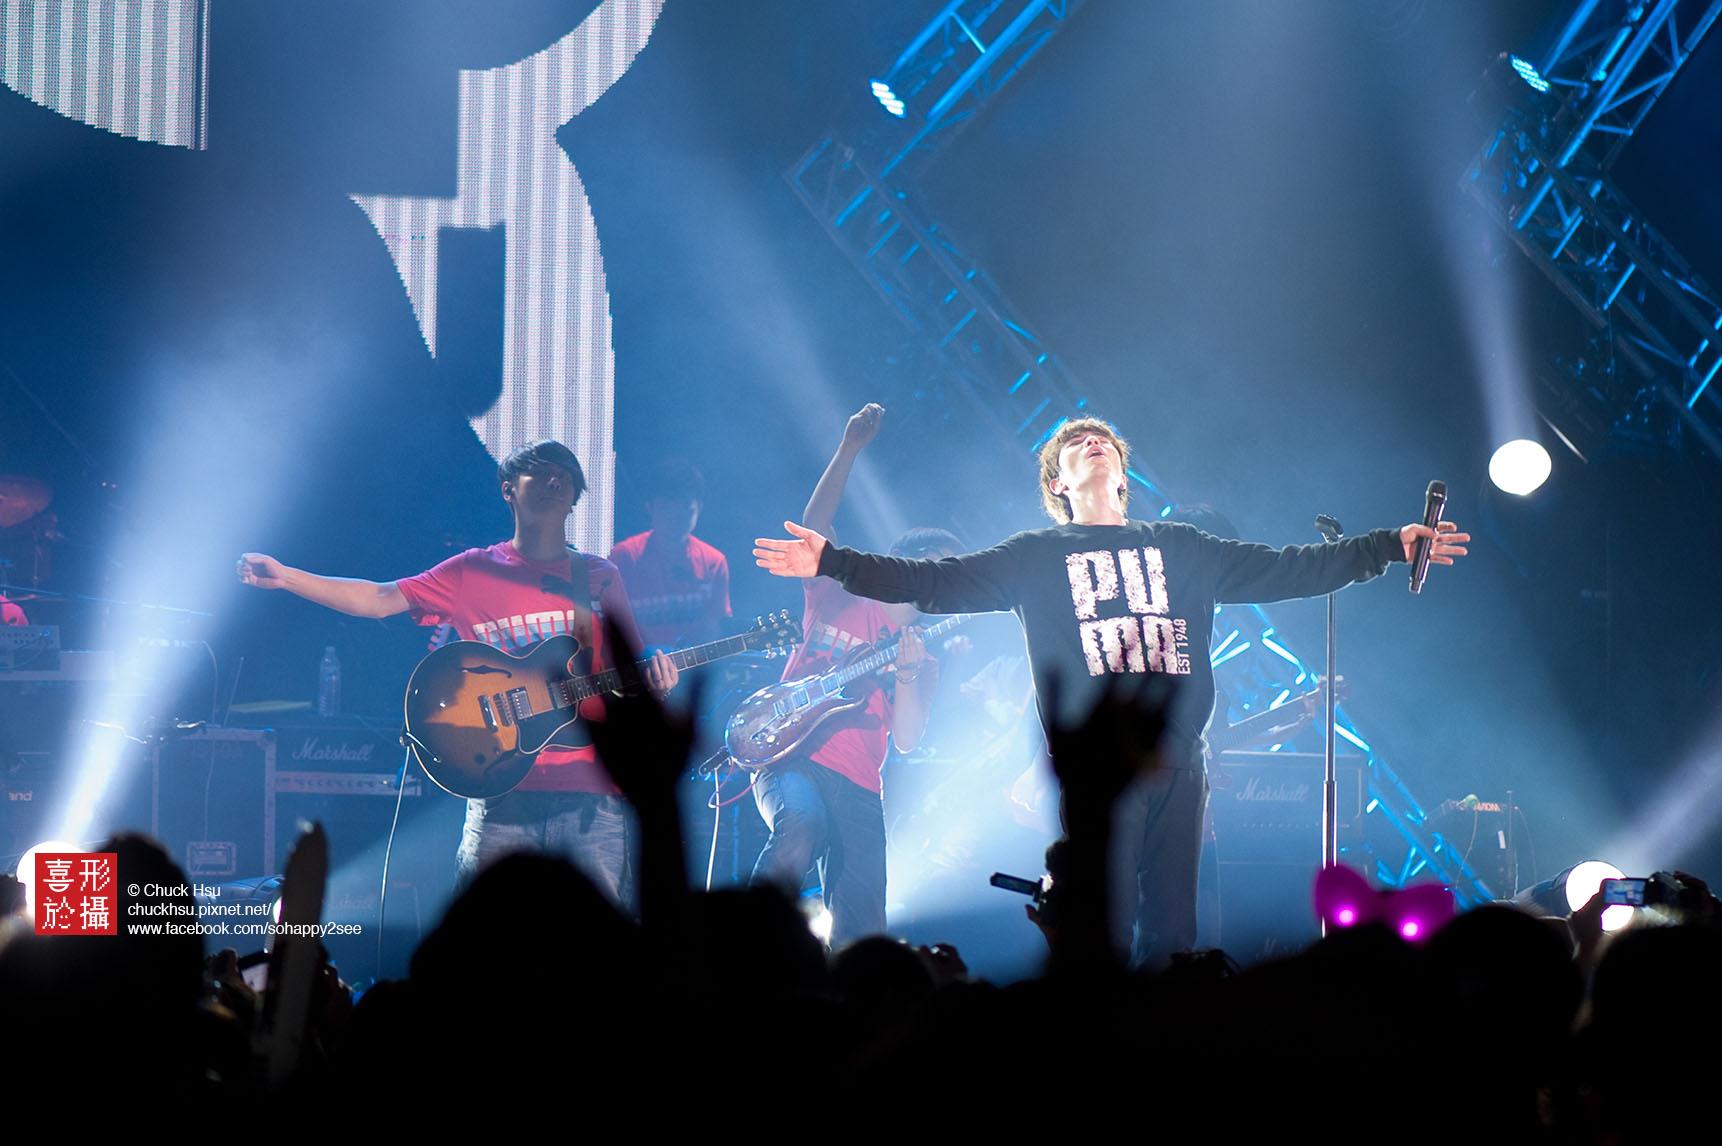 蕭敬騰 PUMA演唱會 ATT4FUN/